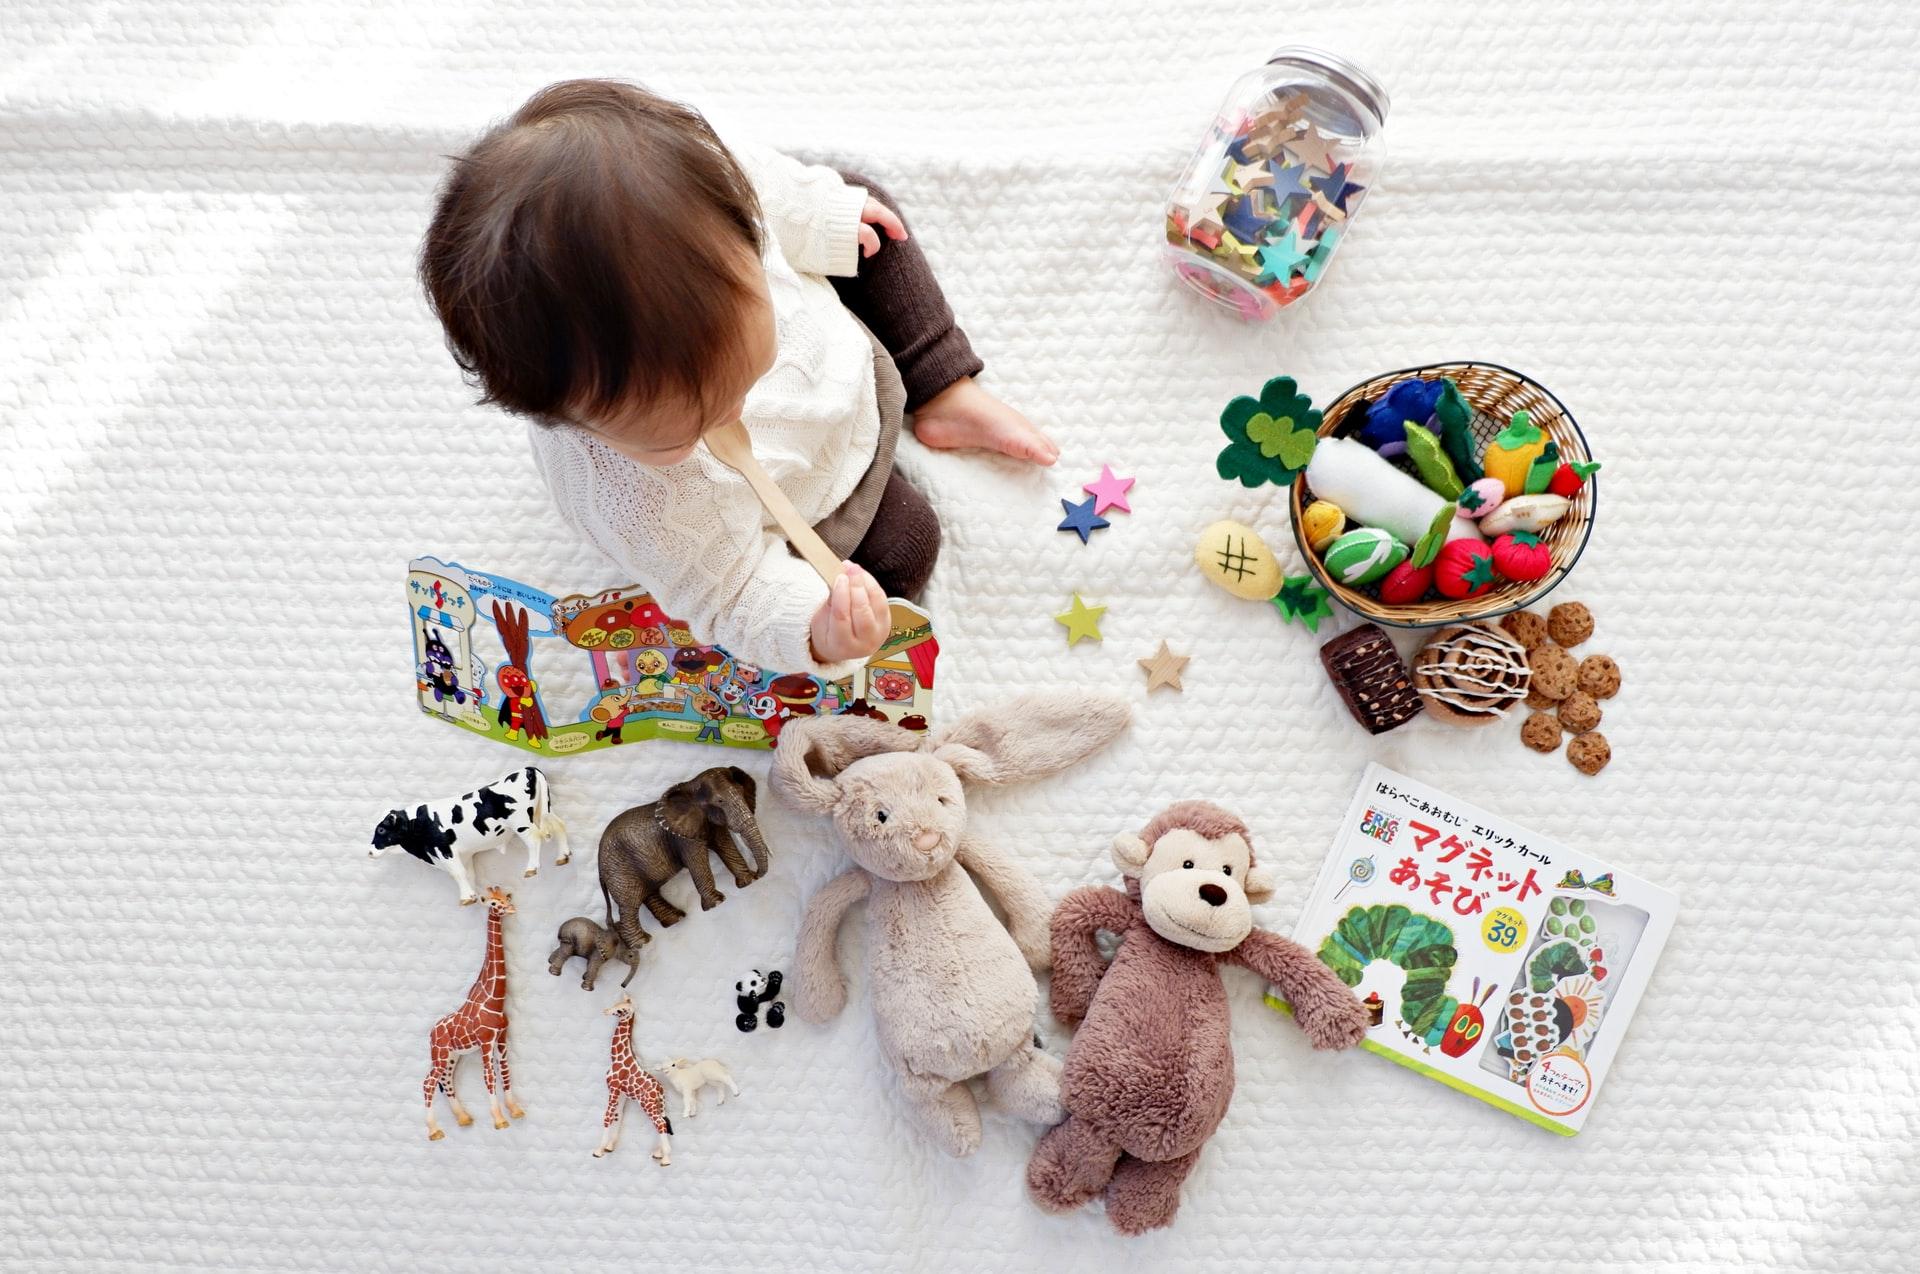 Idei de jucarii distractive si utile pentru copiii de 3-5 ani